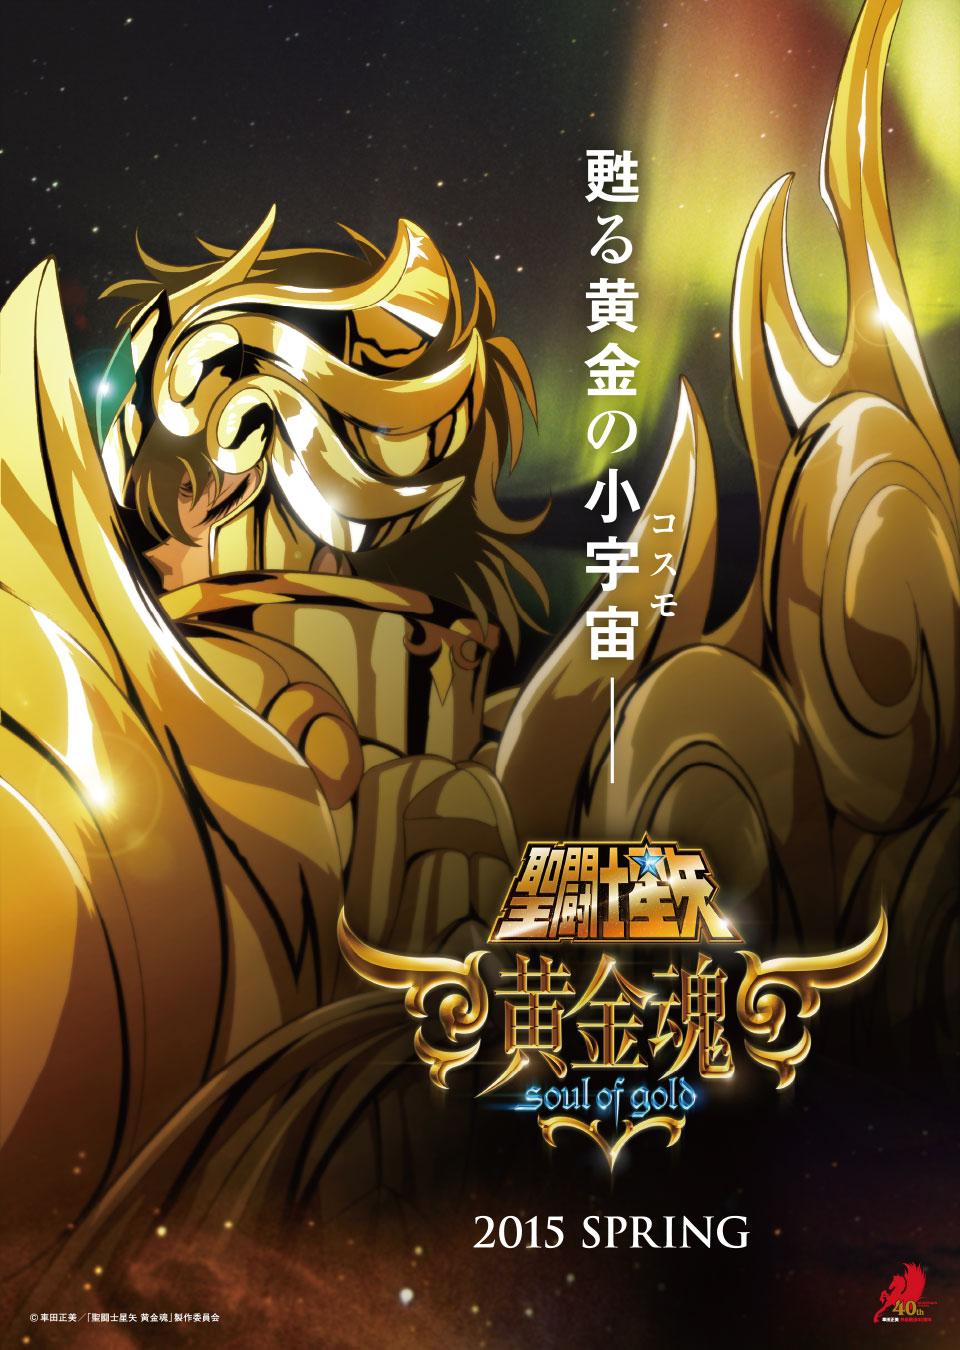 Saint-Seiya-Soul-of-Gold-anime-2015